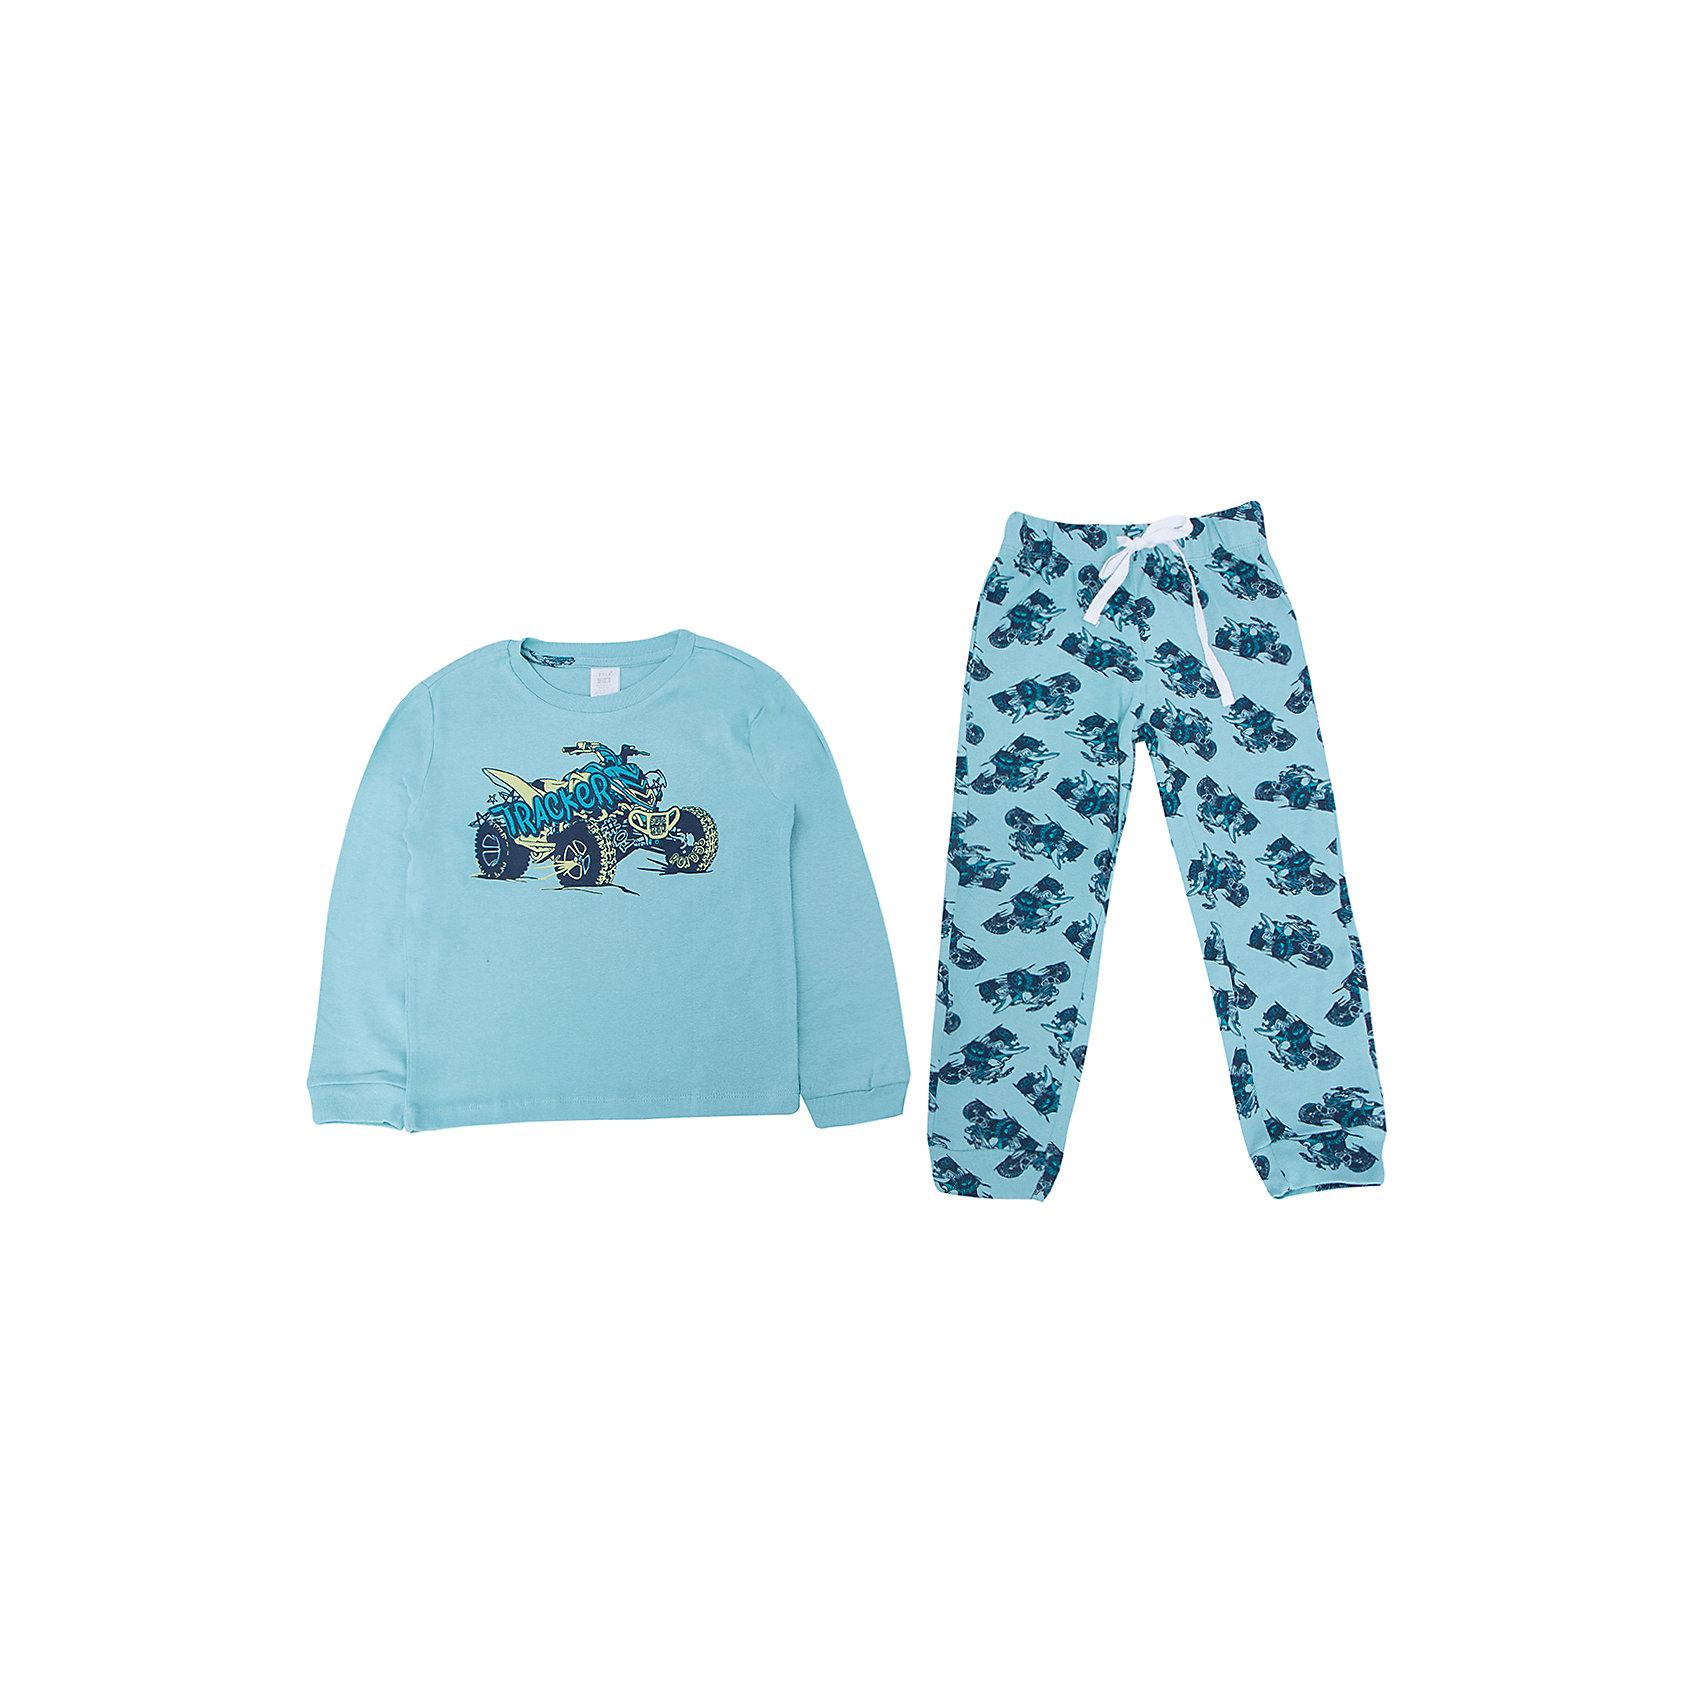 Пижама для мальчика SELAПижамы и сорочки<br>Удобная пижама - неотъемлемая составляющая комфортного сна ребенка. Эта модель отлично сидит на мальчике, она сшита из приятного на ощупь материала, мягкая и дышащая. Натуральный хлопок в составе ткани не вызывает аллергии и обеспечивает ребенку комфорт. В наборе - футболка с длинным рукавом и штаны, вещи украшены симпатичным принтом.<br>Одежда от бренда Sela (Села) - это качество по приемлемым ценам. Многие российские родители уже оценили преимущества продукции этой компании и всё чаще приобретают одежду и аксессуары Sela.<br><br>Дополнительная информация:<br><br>цвет: разноцветный;<br>материал: 100% хлопок;<br>принт;<br>трикотаж.<br><br>Пижаму для мальчика от бренда Sela можно купить в нашем интернет-магазине.<br><br>Ширина мм: 281<br>Глубина мм: 70<br>Высота мм: 188<br>Вес г: 295<br>Цвет: зеленый<br>Возраст от месяцев: 120<br>Возраст до месяцев: 132<br>Пол: Мужской<br>Возраст: Детский<br>Размер: 140/146,92/98,104/110,116/122,128/134<br>SKU: 5020262